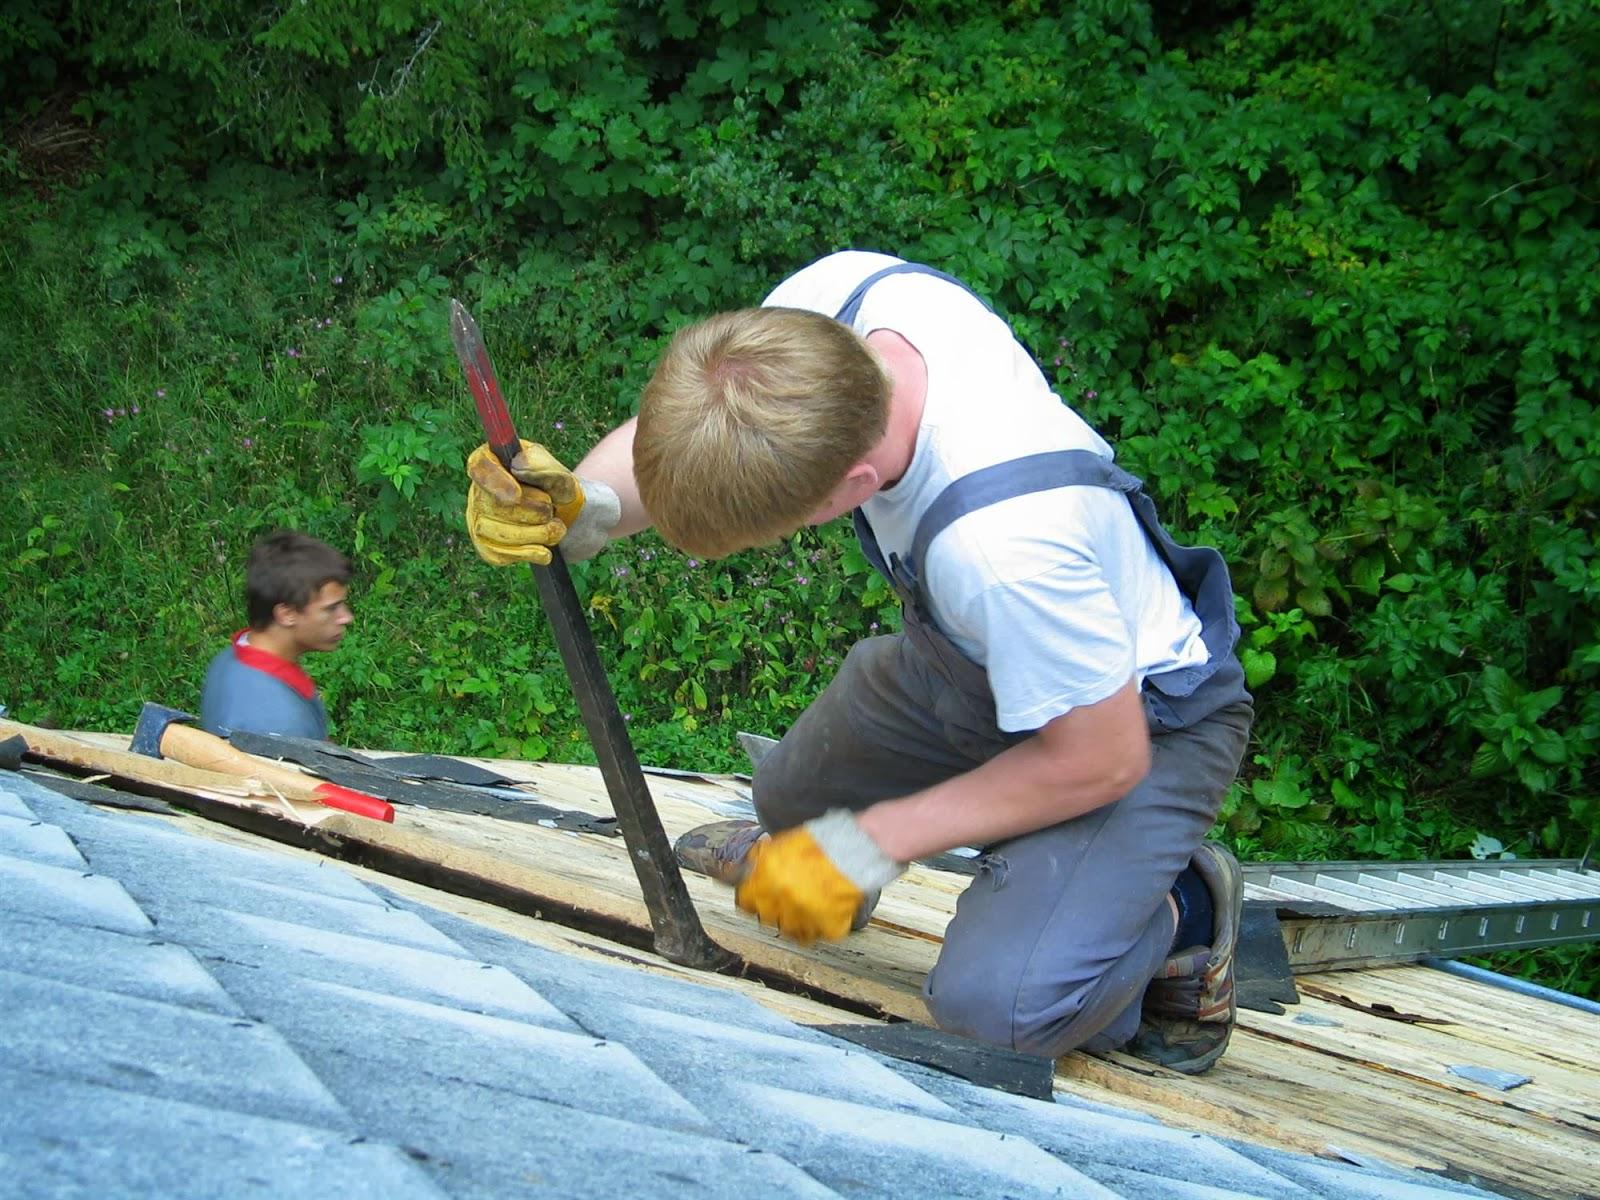 Delovna akcija - Streha, Črni dol 2006 - streha%2B032.jpg